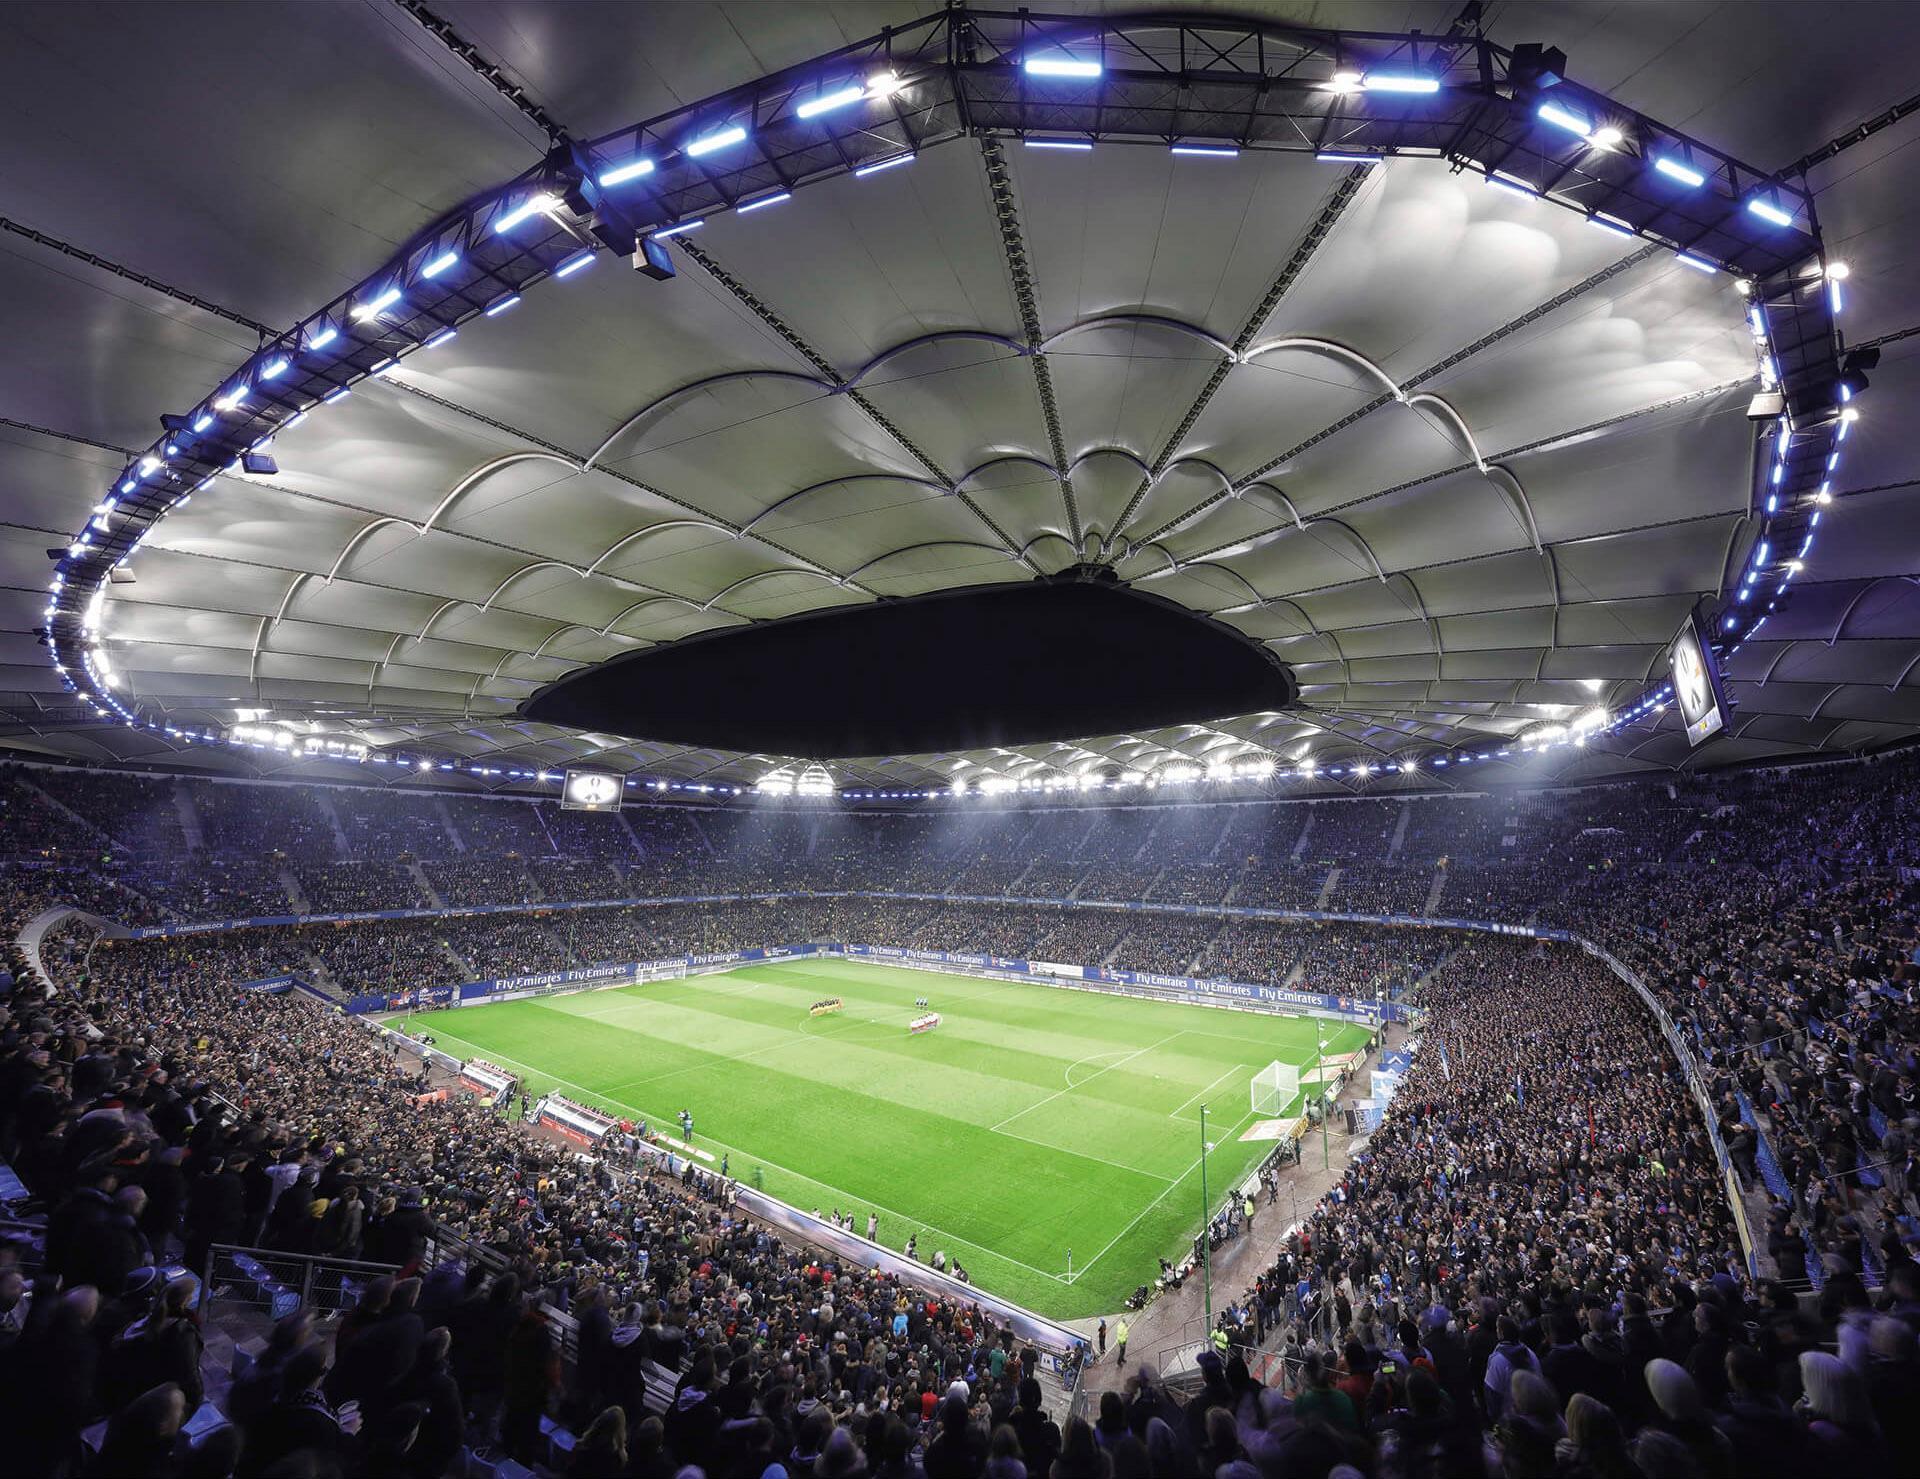 Fototapete Hamburger SV im Stadion bei Nacht 336/260 cm | Baumarkt > Malern und Tapezieren > Tapeten | Bunt